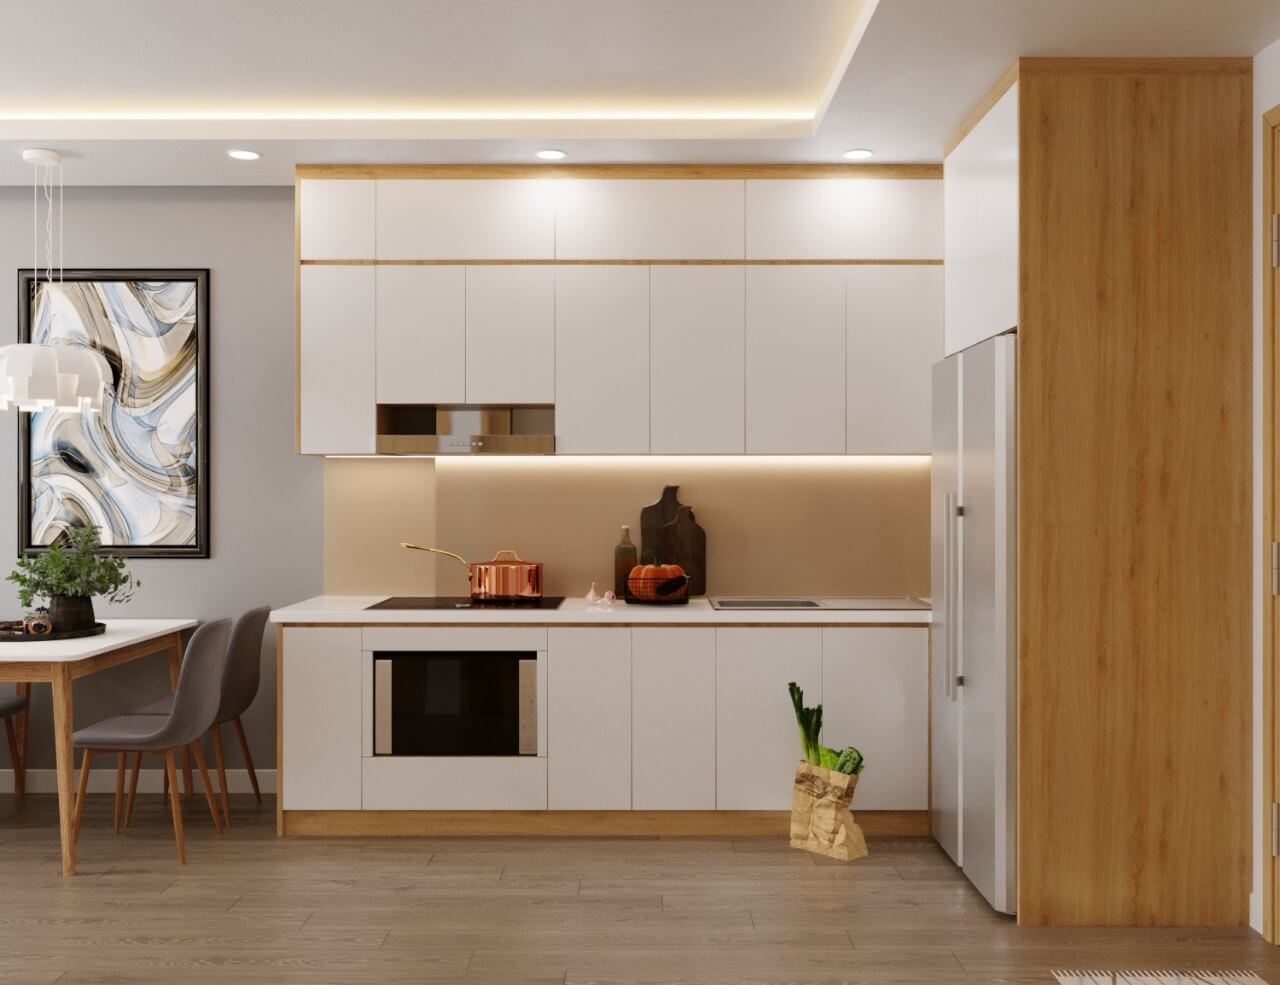 5 mẫu thiết kế nội thất chung cư 2 phòng ngủ đẹp, hiện đại, ấn tượng 7